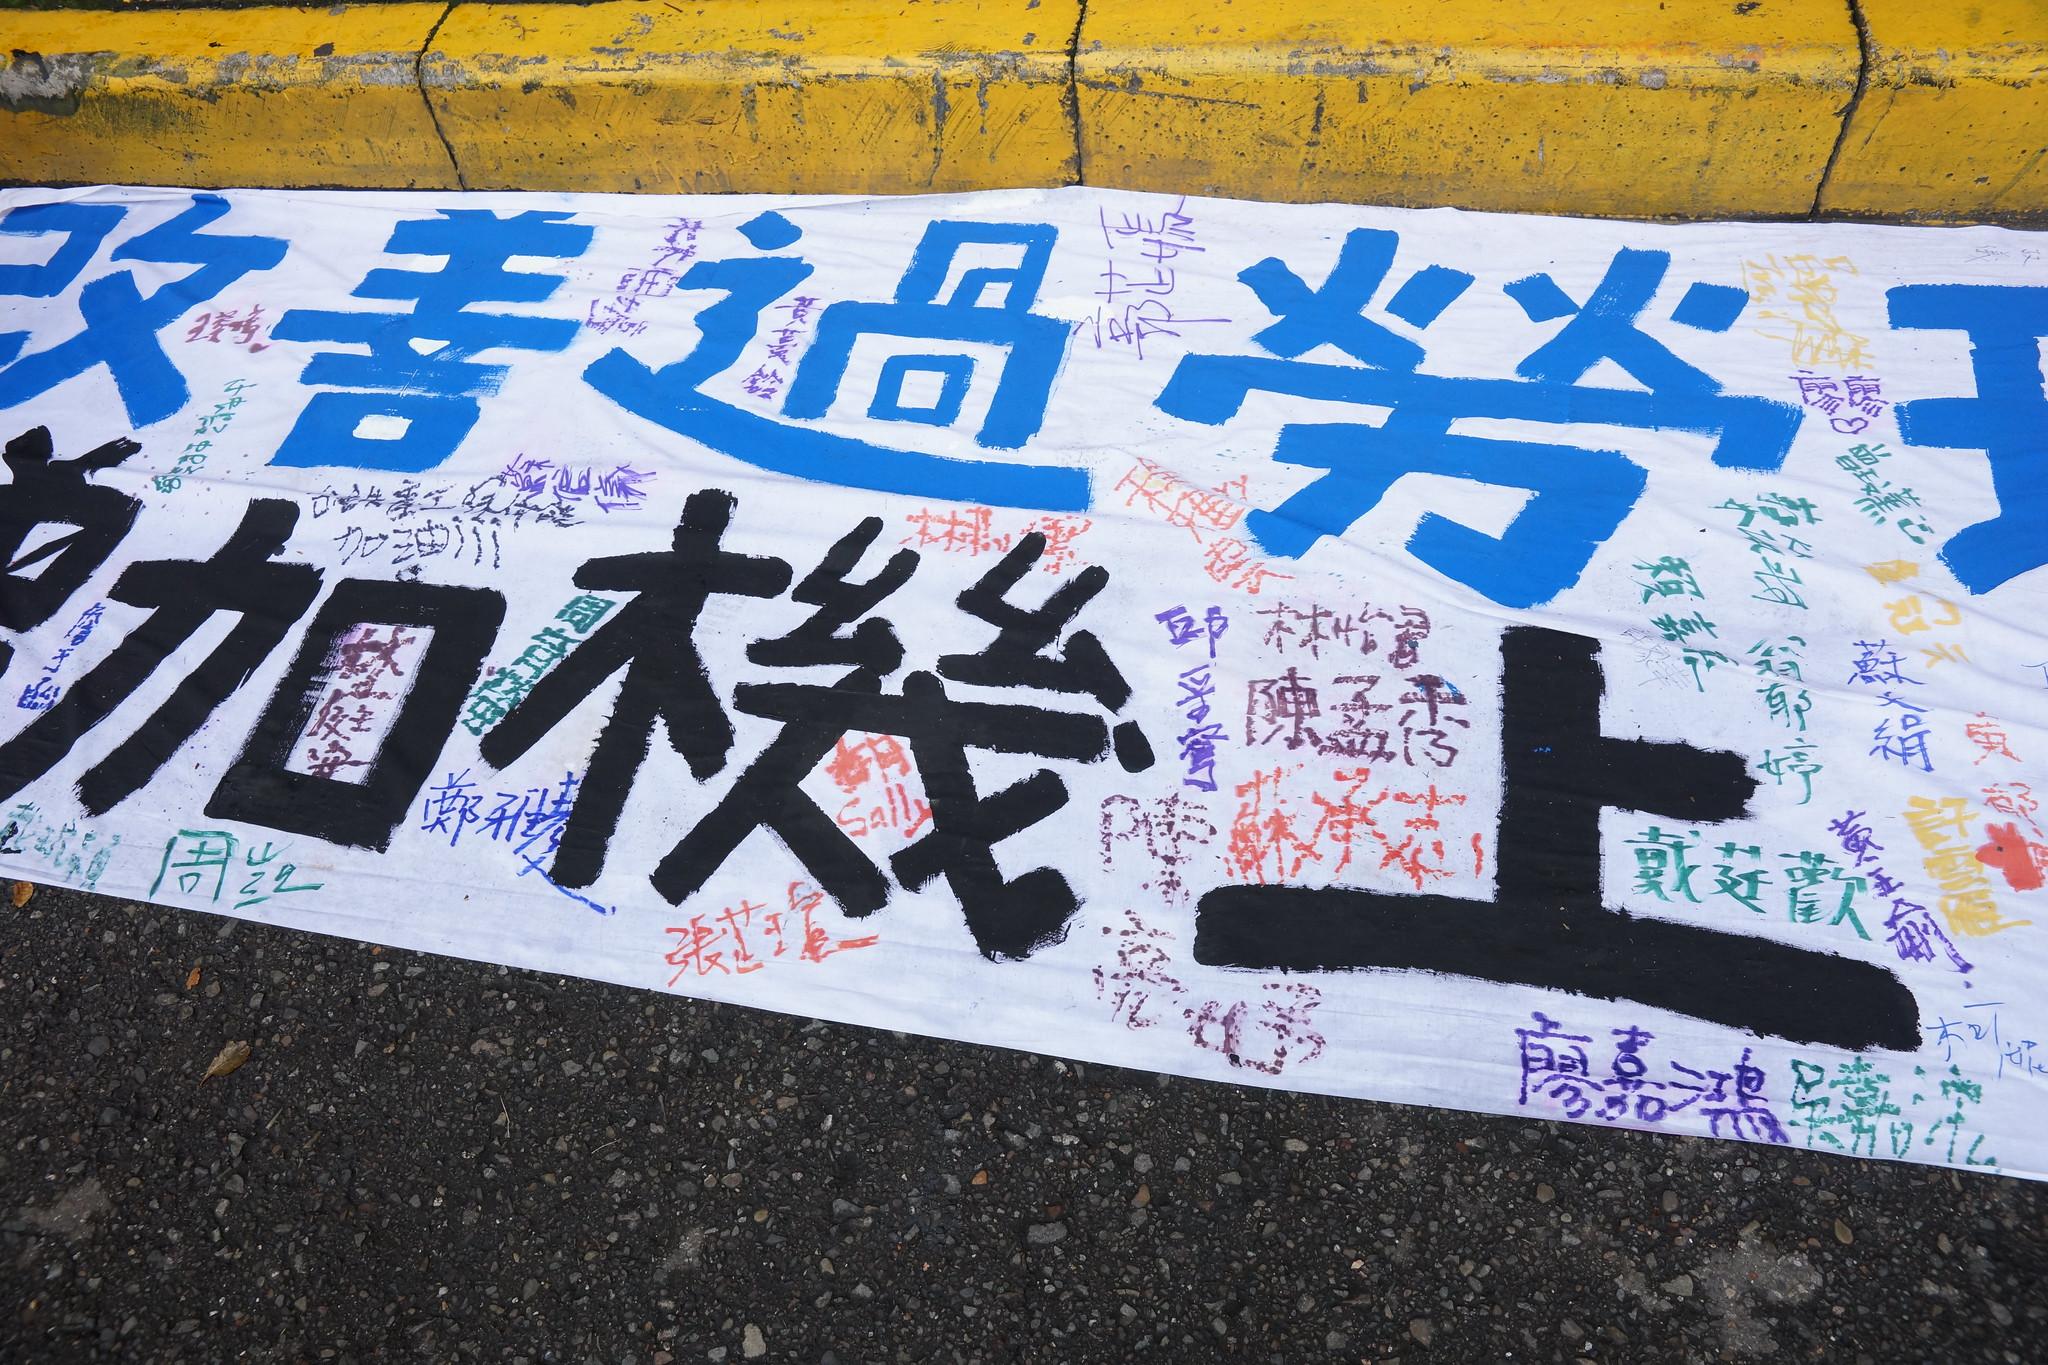 空服員在布條上連署簽名反對過勞航班。(攝影:王顥中)